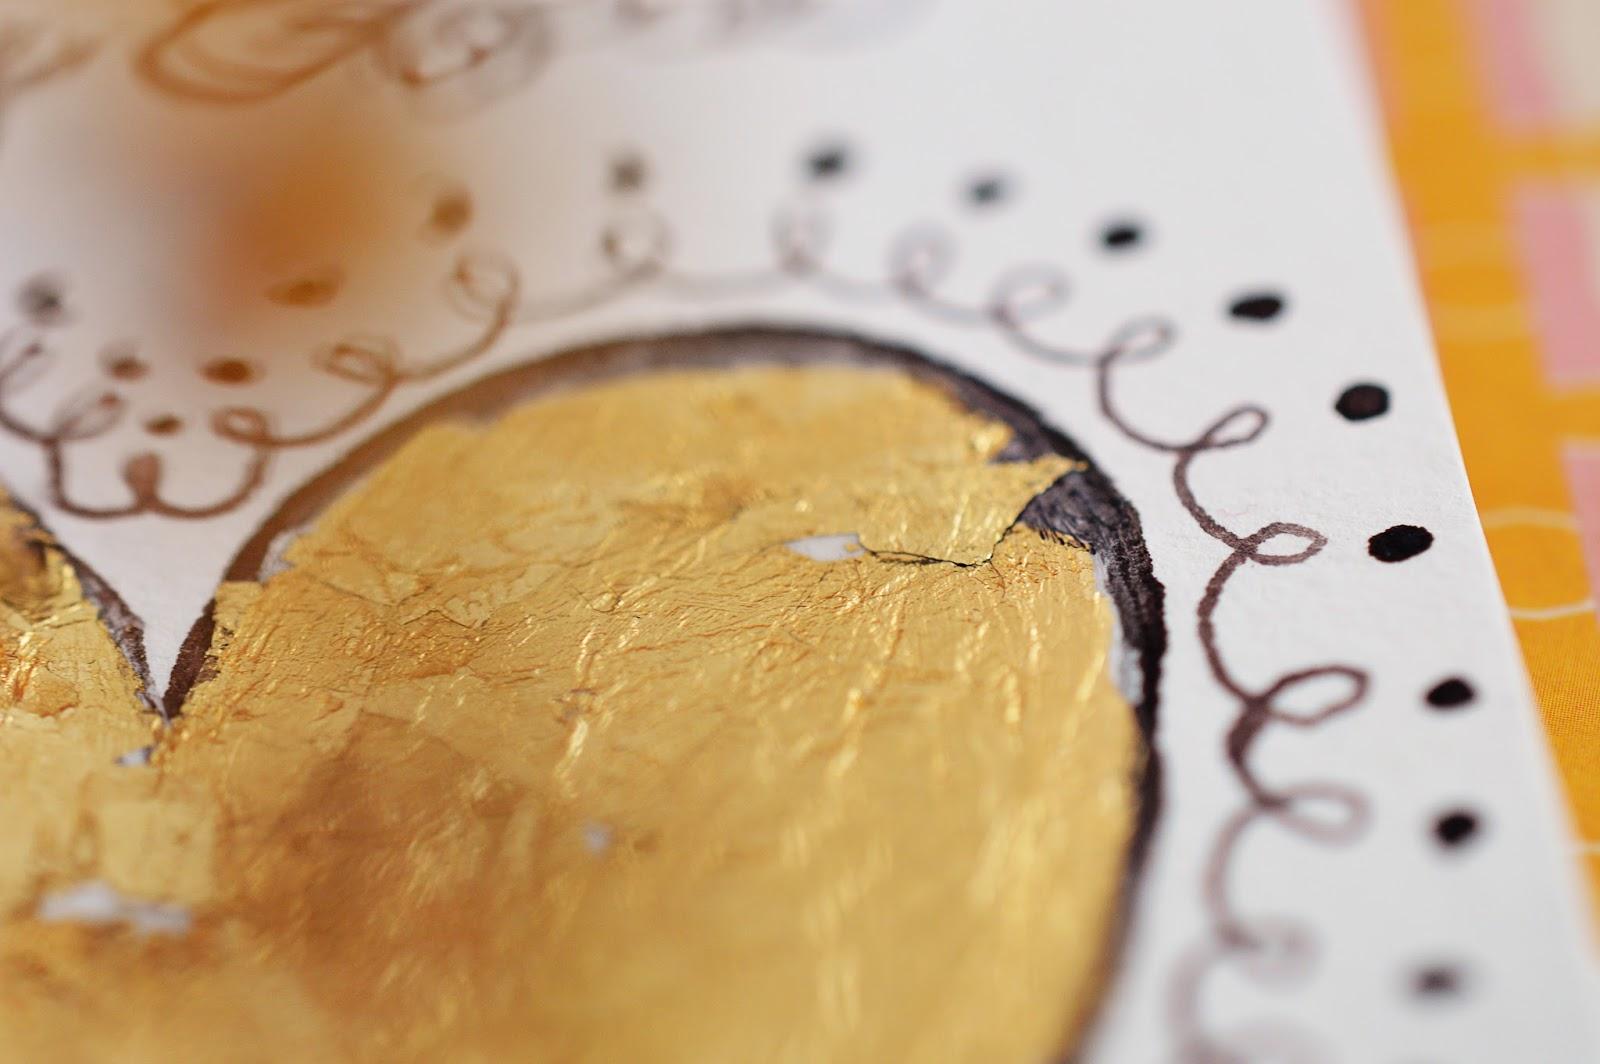 DIY Warhol-Inspired Gold Leaf Painting | Motte's Blog